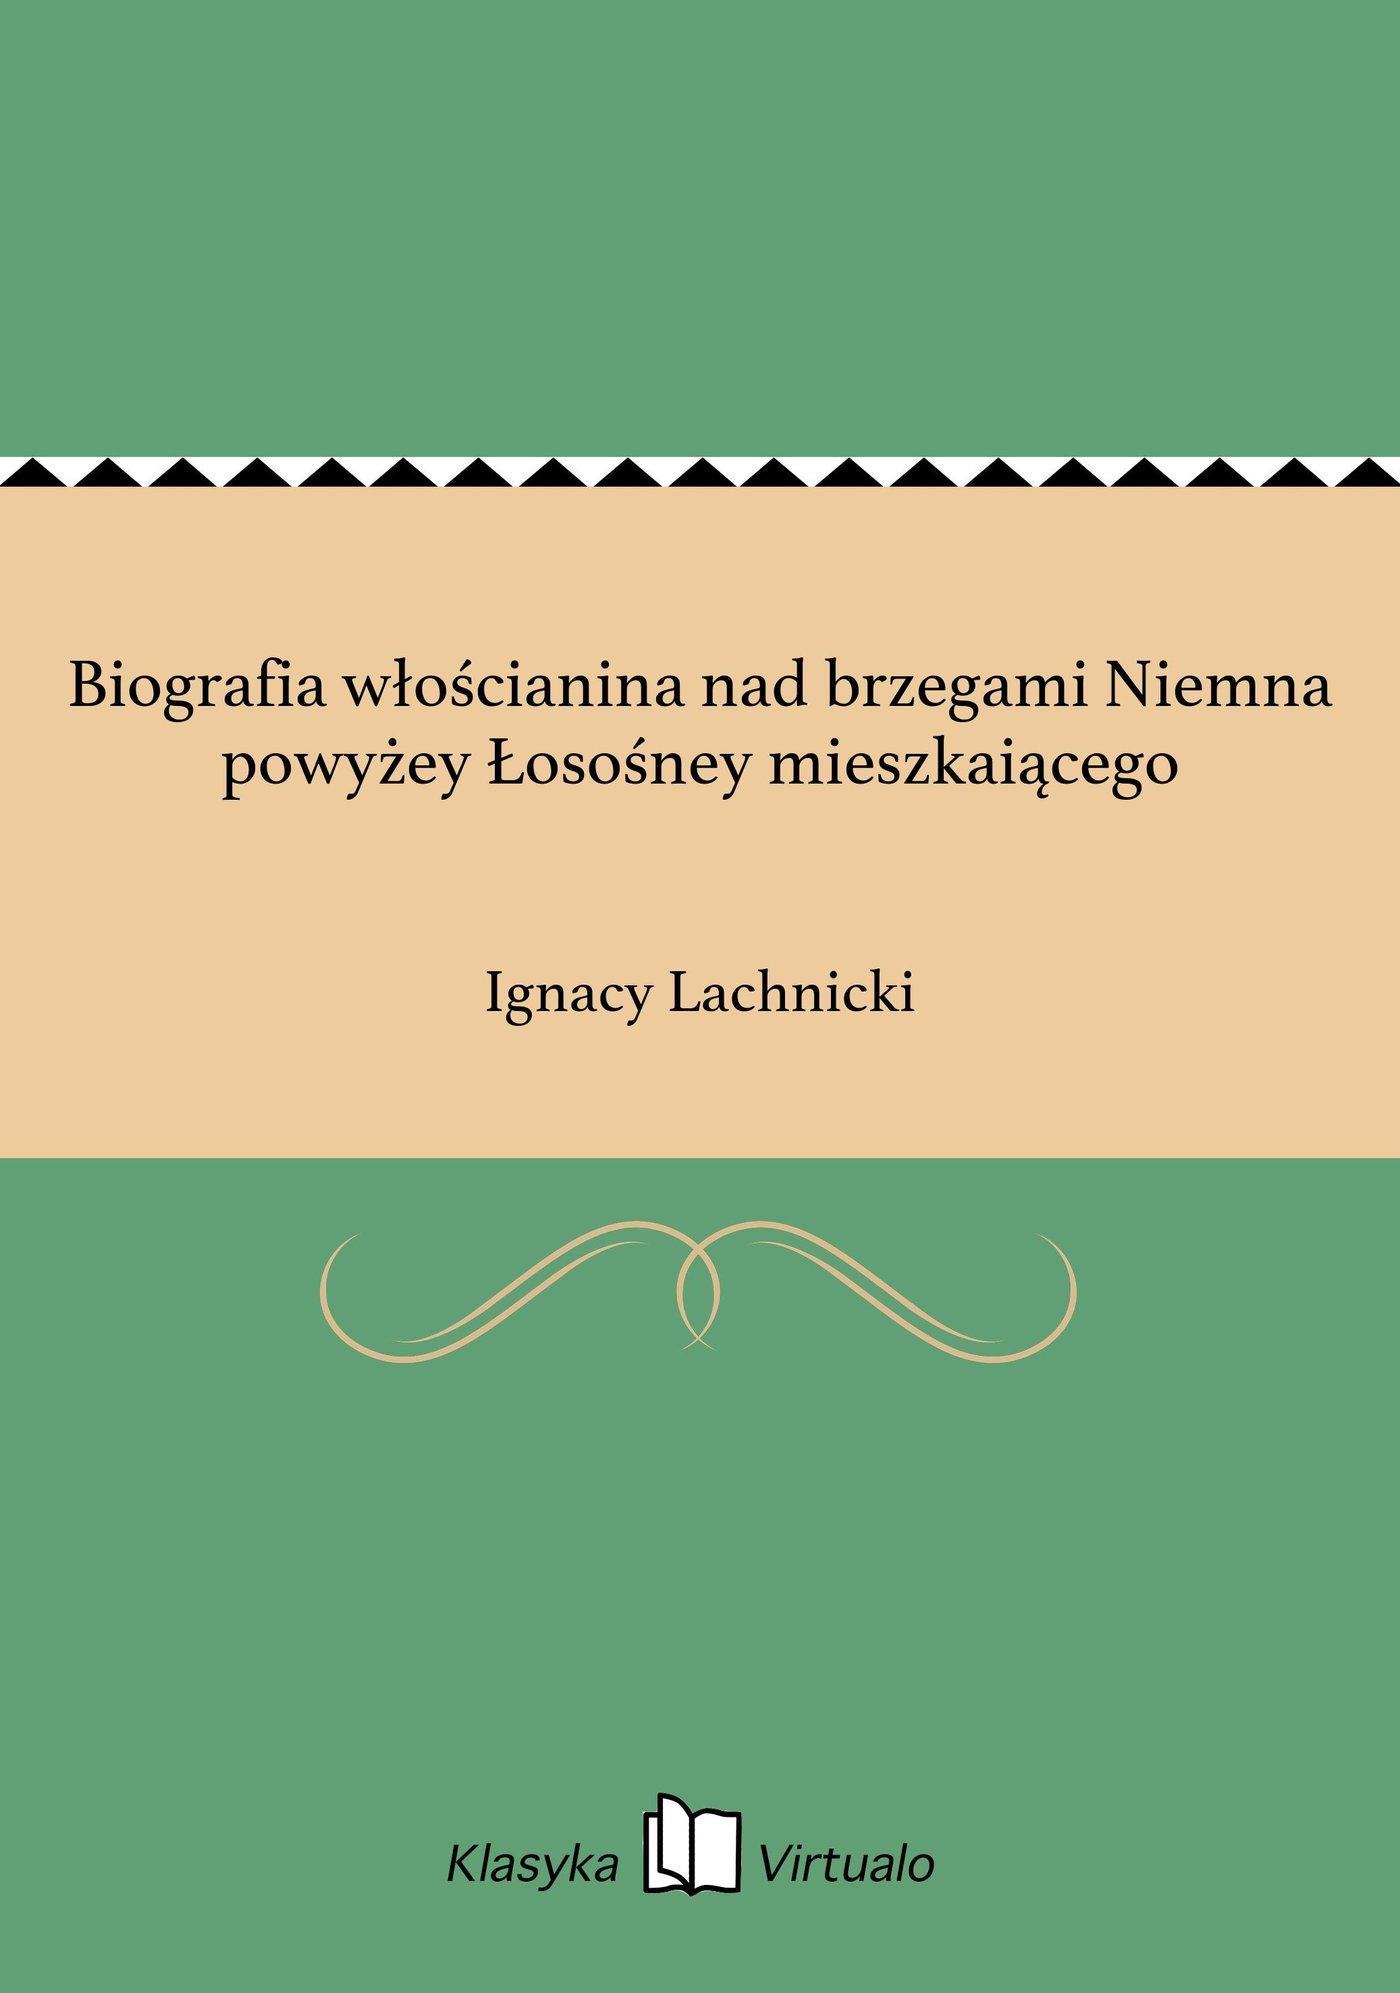 Biografia włościanina nad brzegami Niemna powyżey Łosośney mieszkaiącego - Ebook (Książka EPUB) do pobrania w formacie EPUB